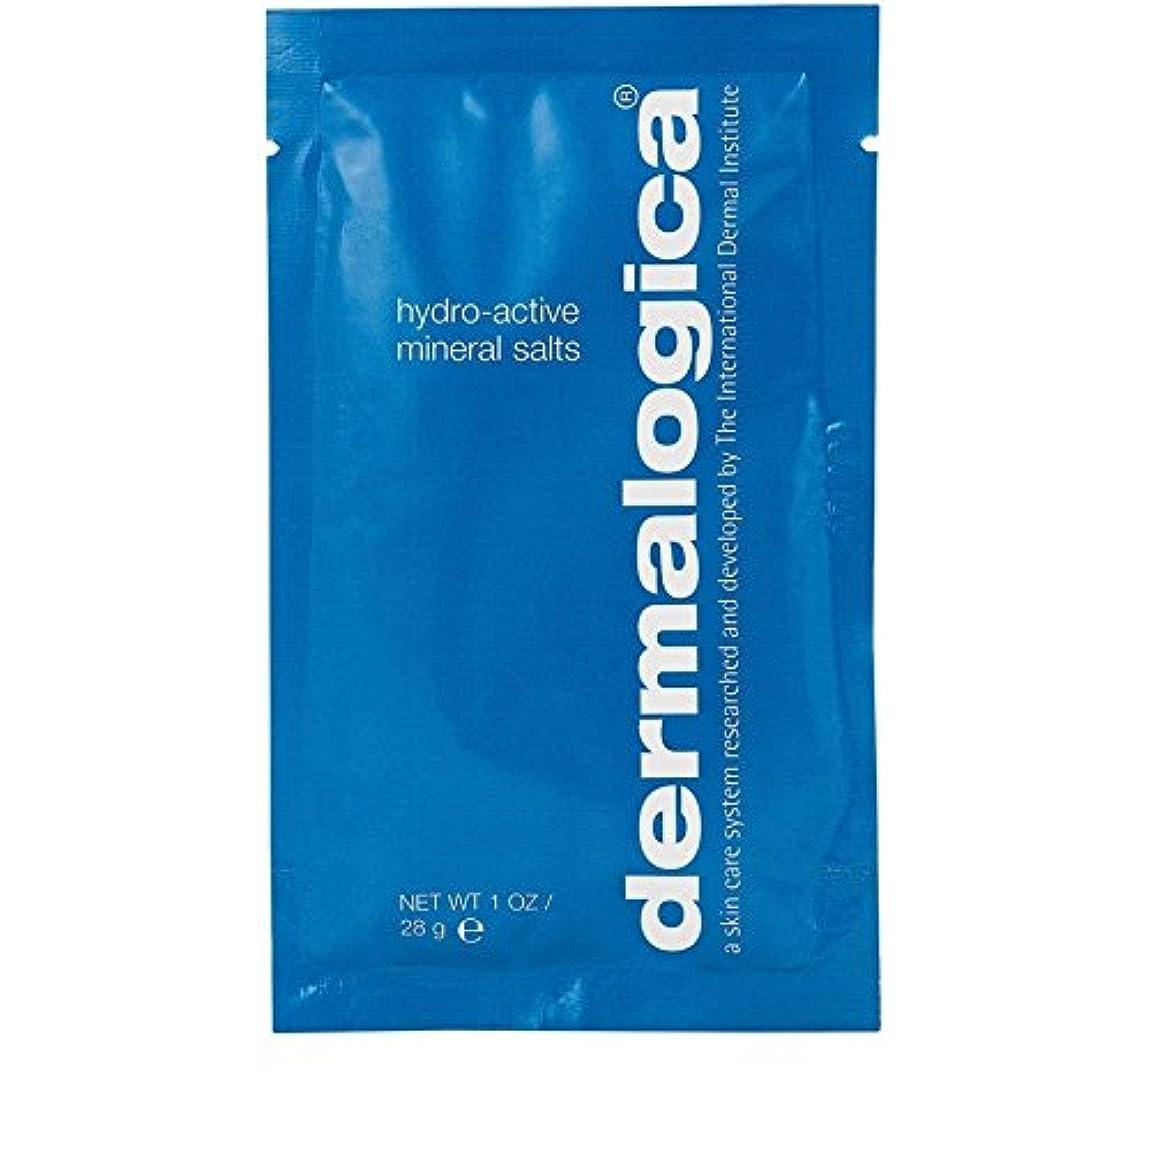 タオル端半円Dermalogica Hydro Active Mineral Salt 28g - ダーマロジカ水力アクティブミネラル塩28グラム [並行輸入品]